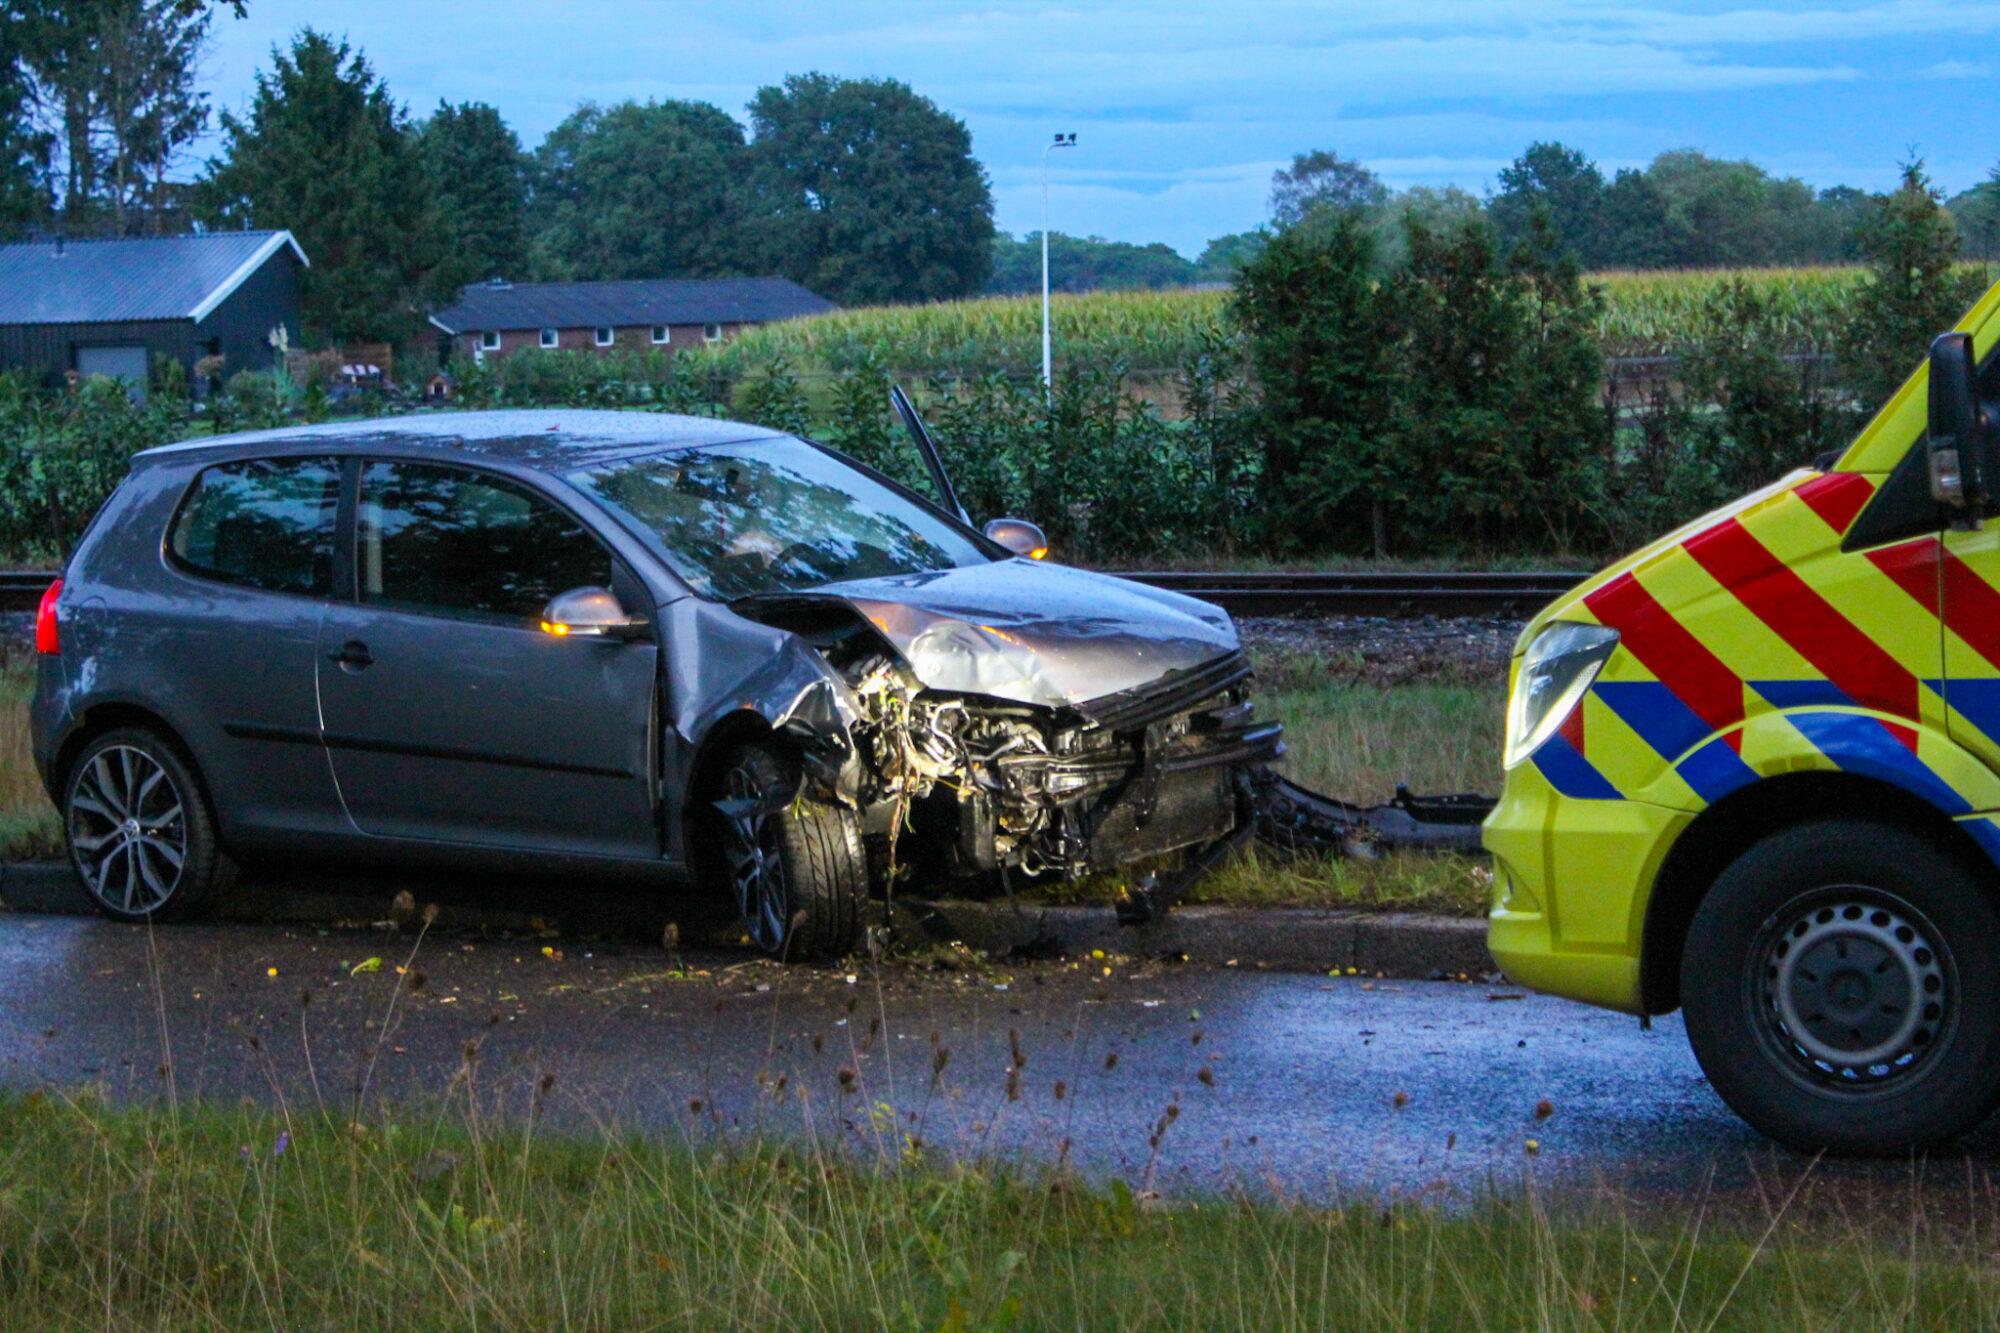 Gewonde na aanrijding tussen auto en boom in Apeldoorn